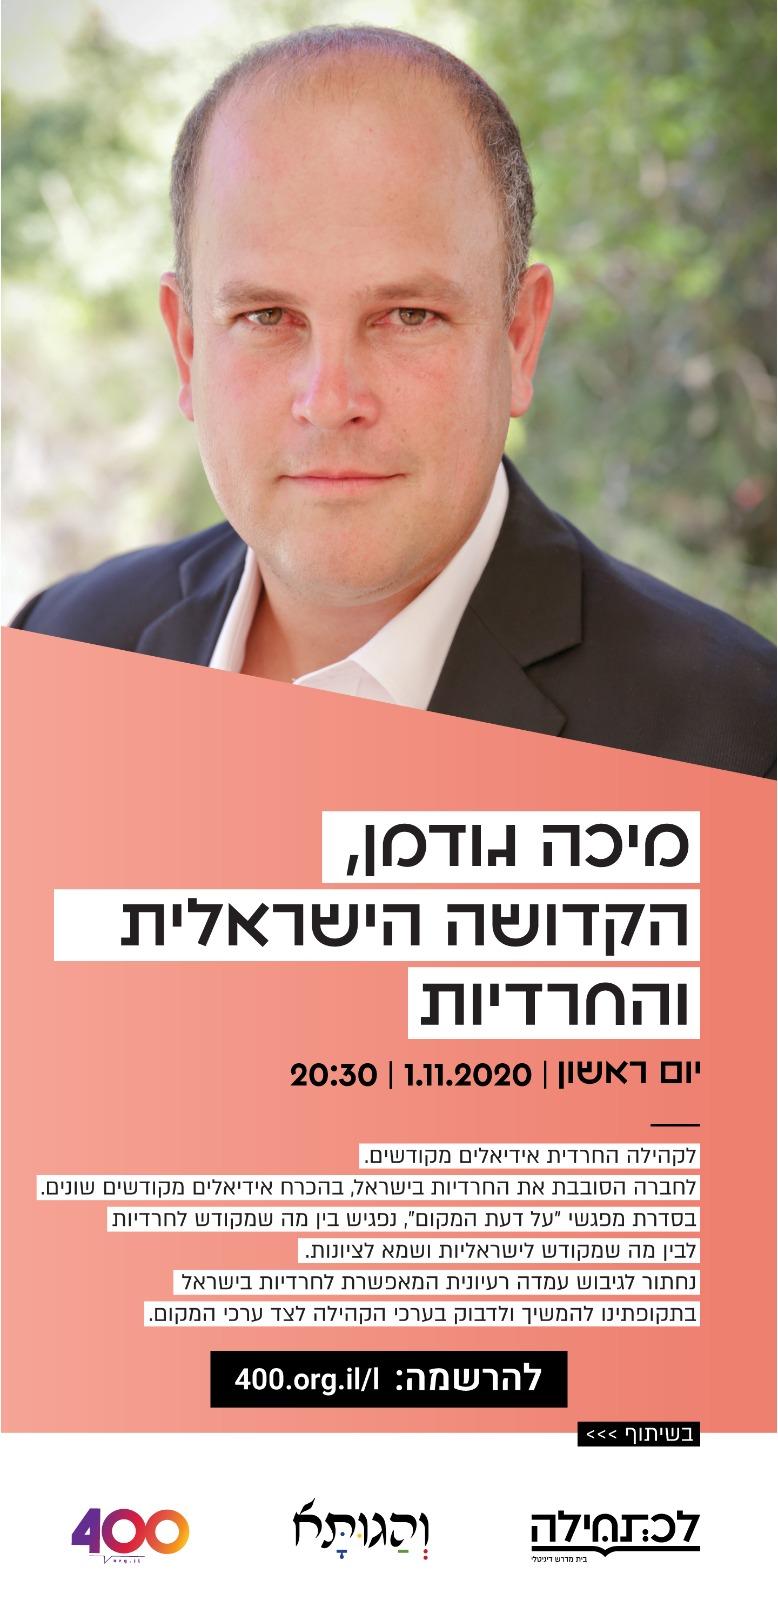 מיכה גודמן, הקדושה הישראלית והחרדיות